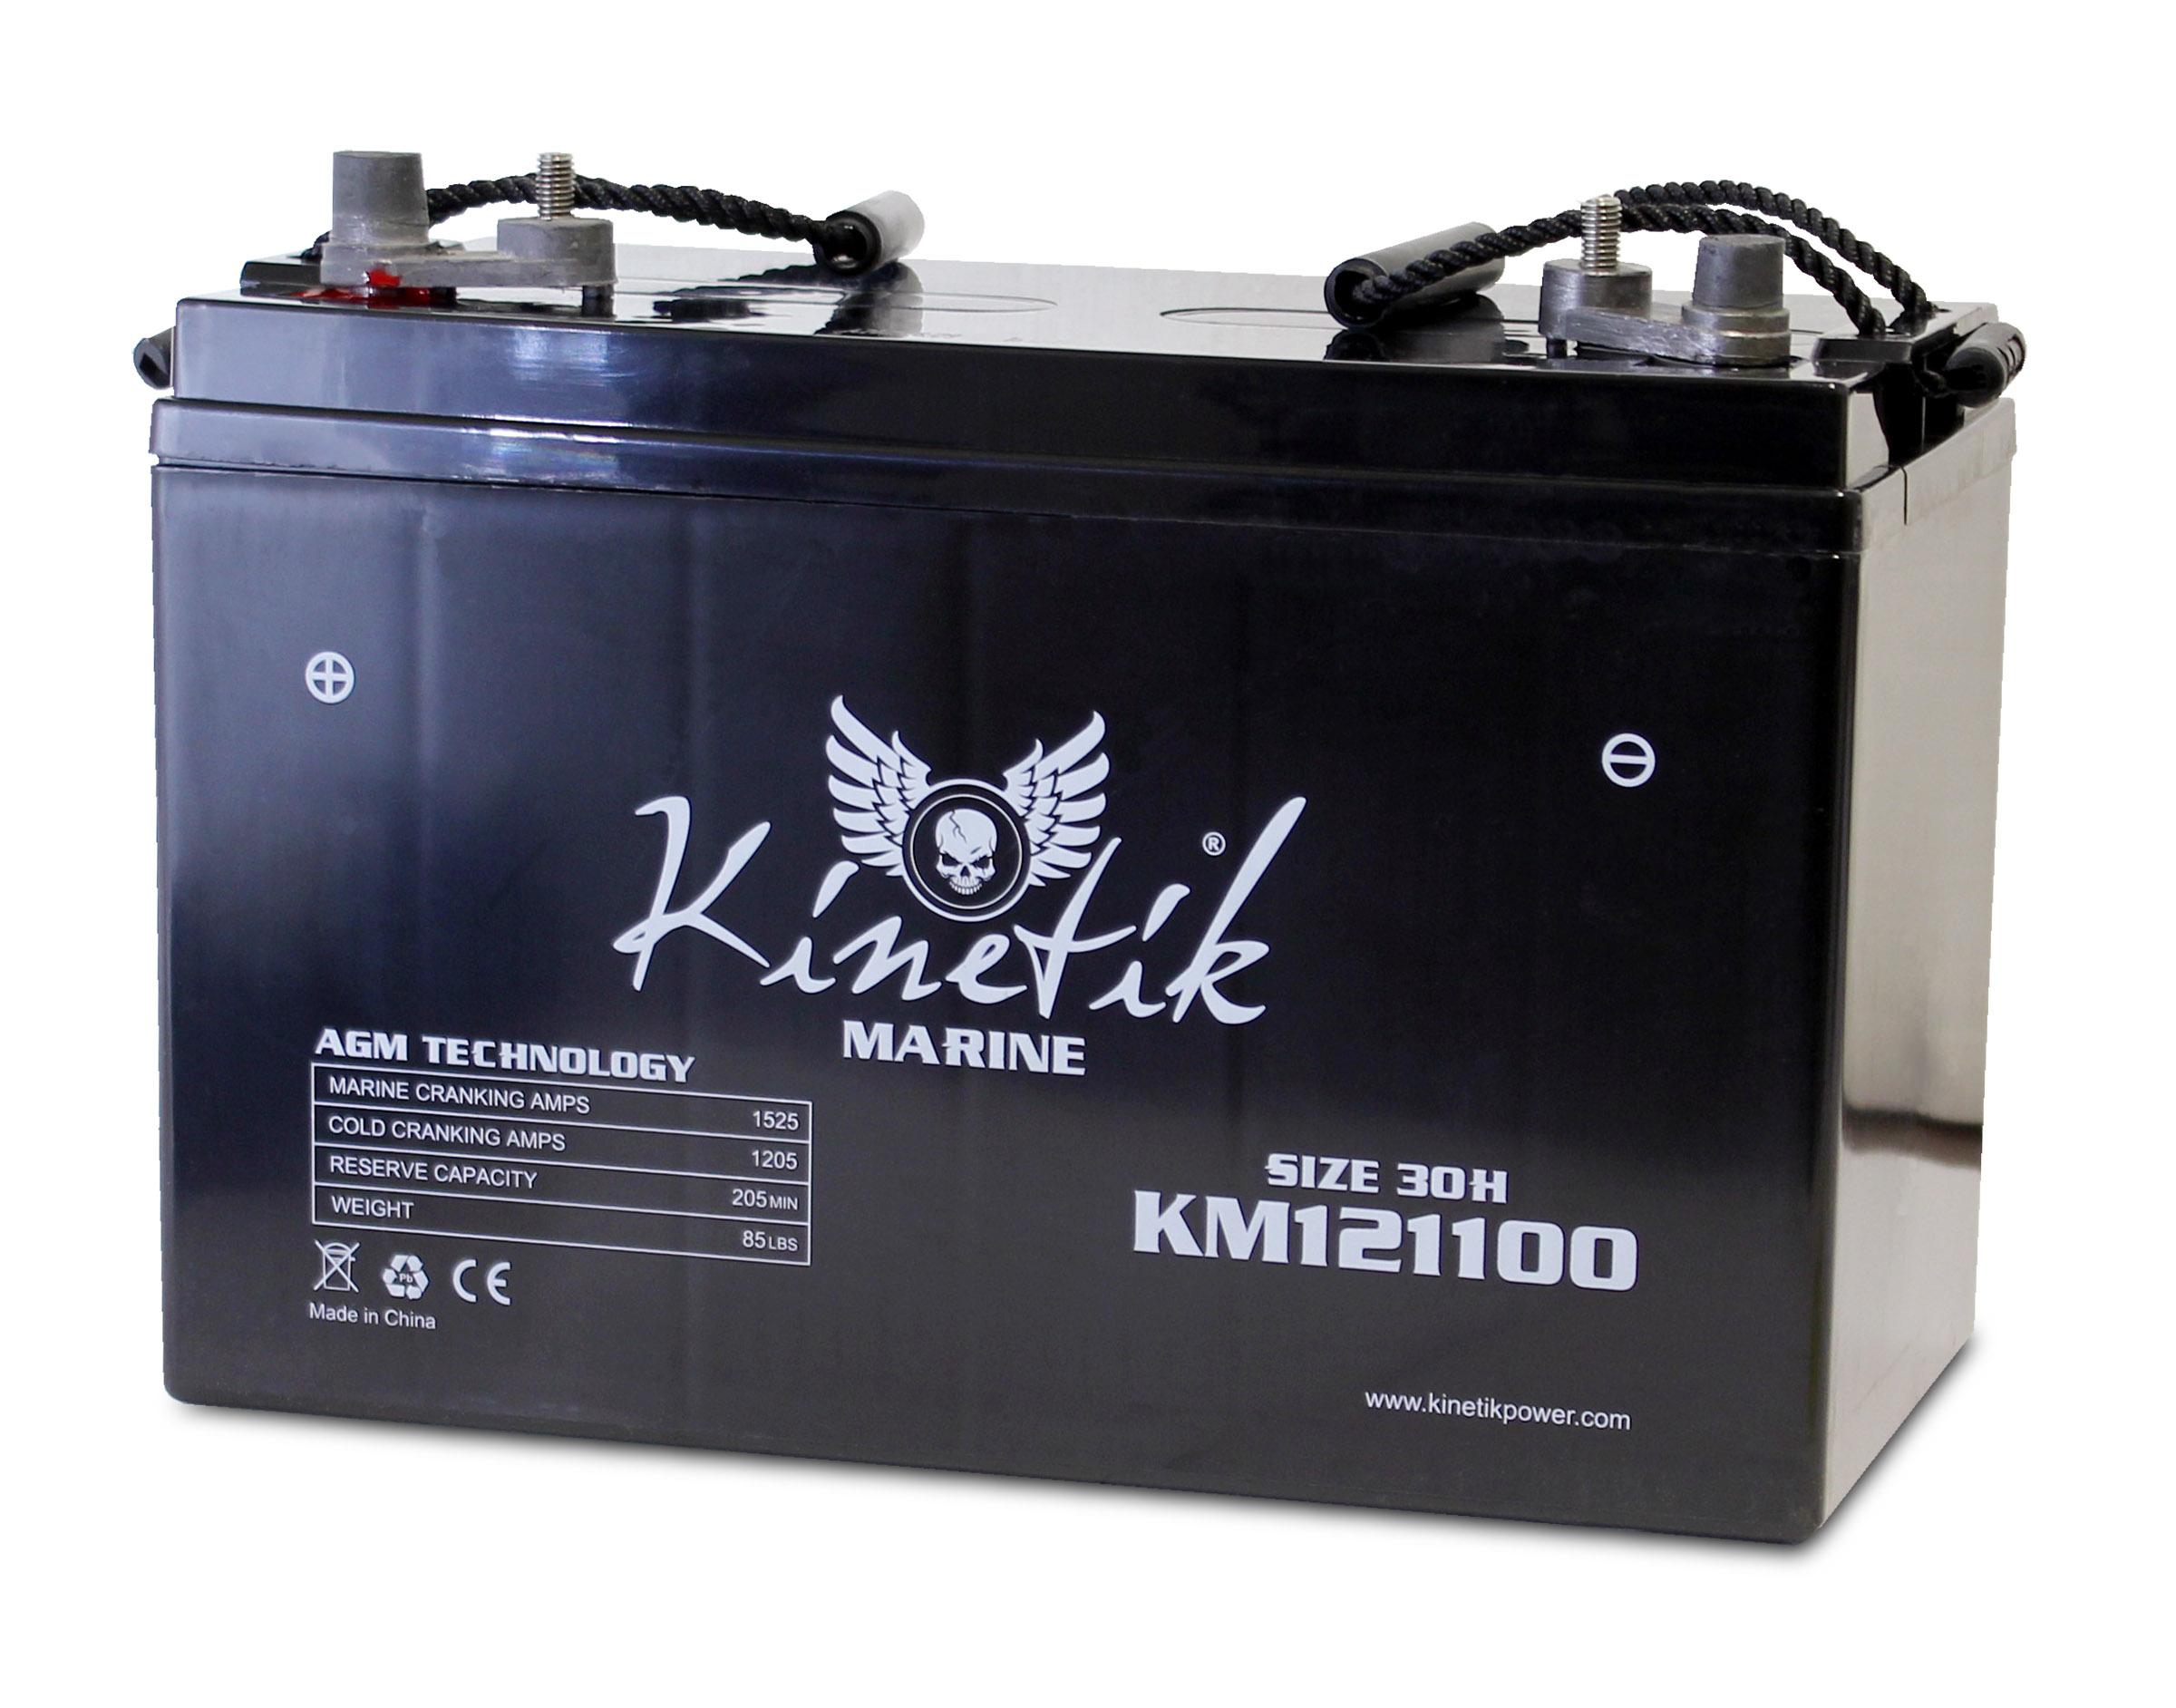 12V 110AH Group 30H SLA Battery for MotorGuide Great White 82